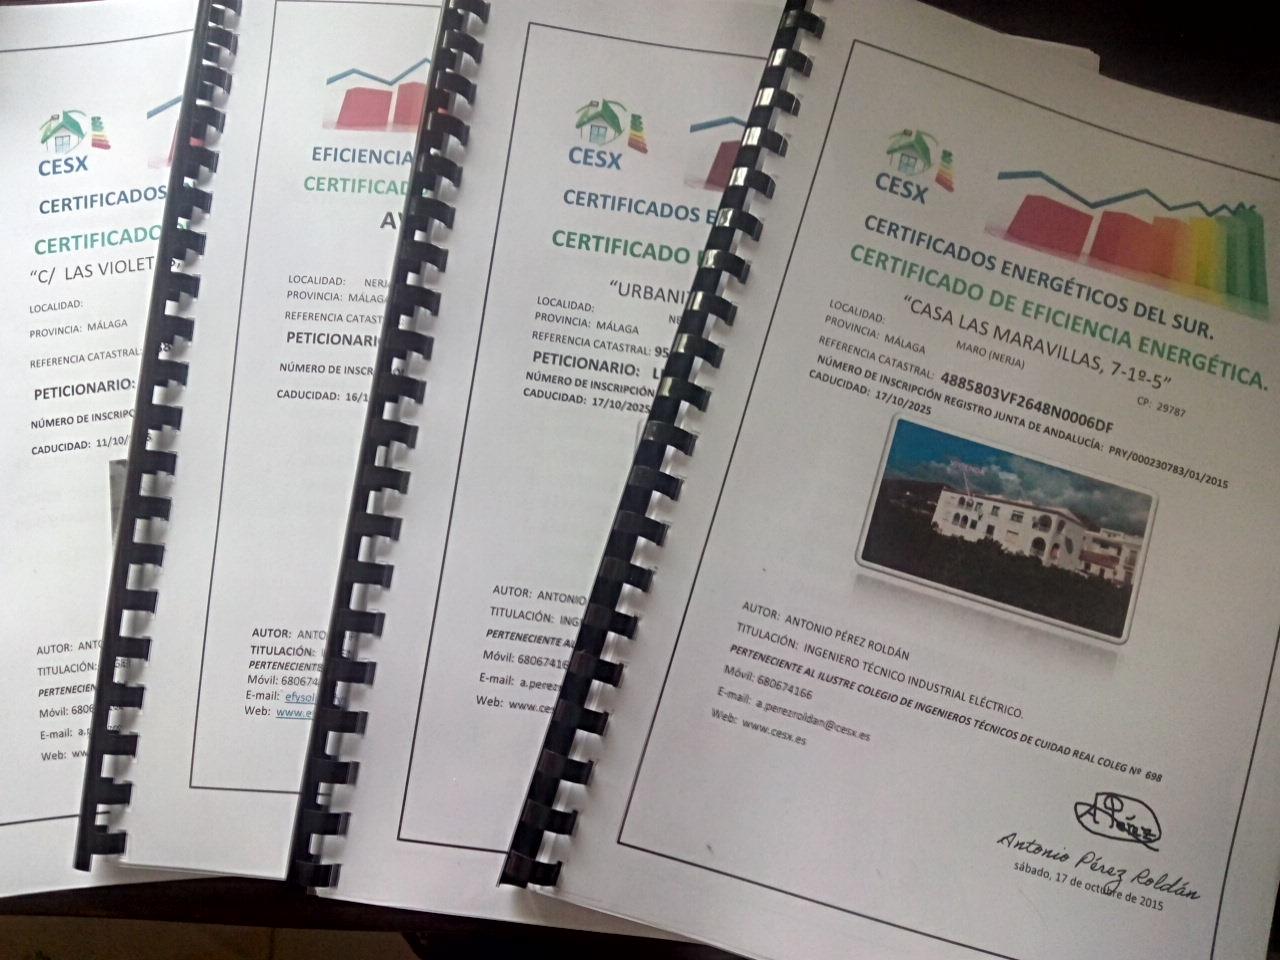 Ejemplo de documentaci n certificado energetico cordoba malaga jaen granada y sevilla - Ejemplo certificado energetico piso ...